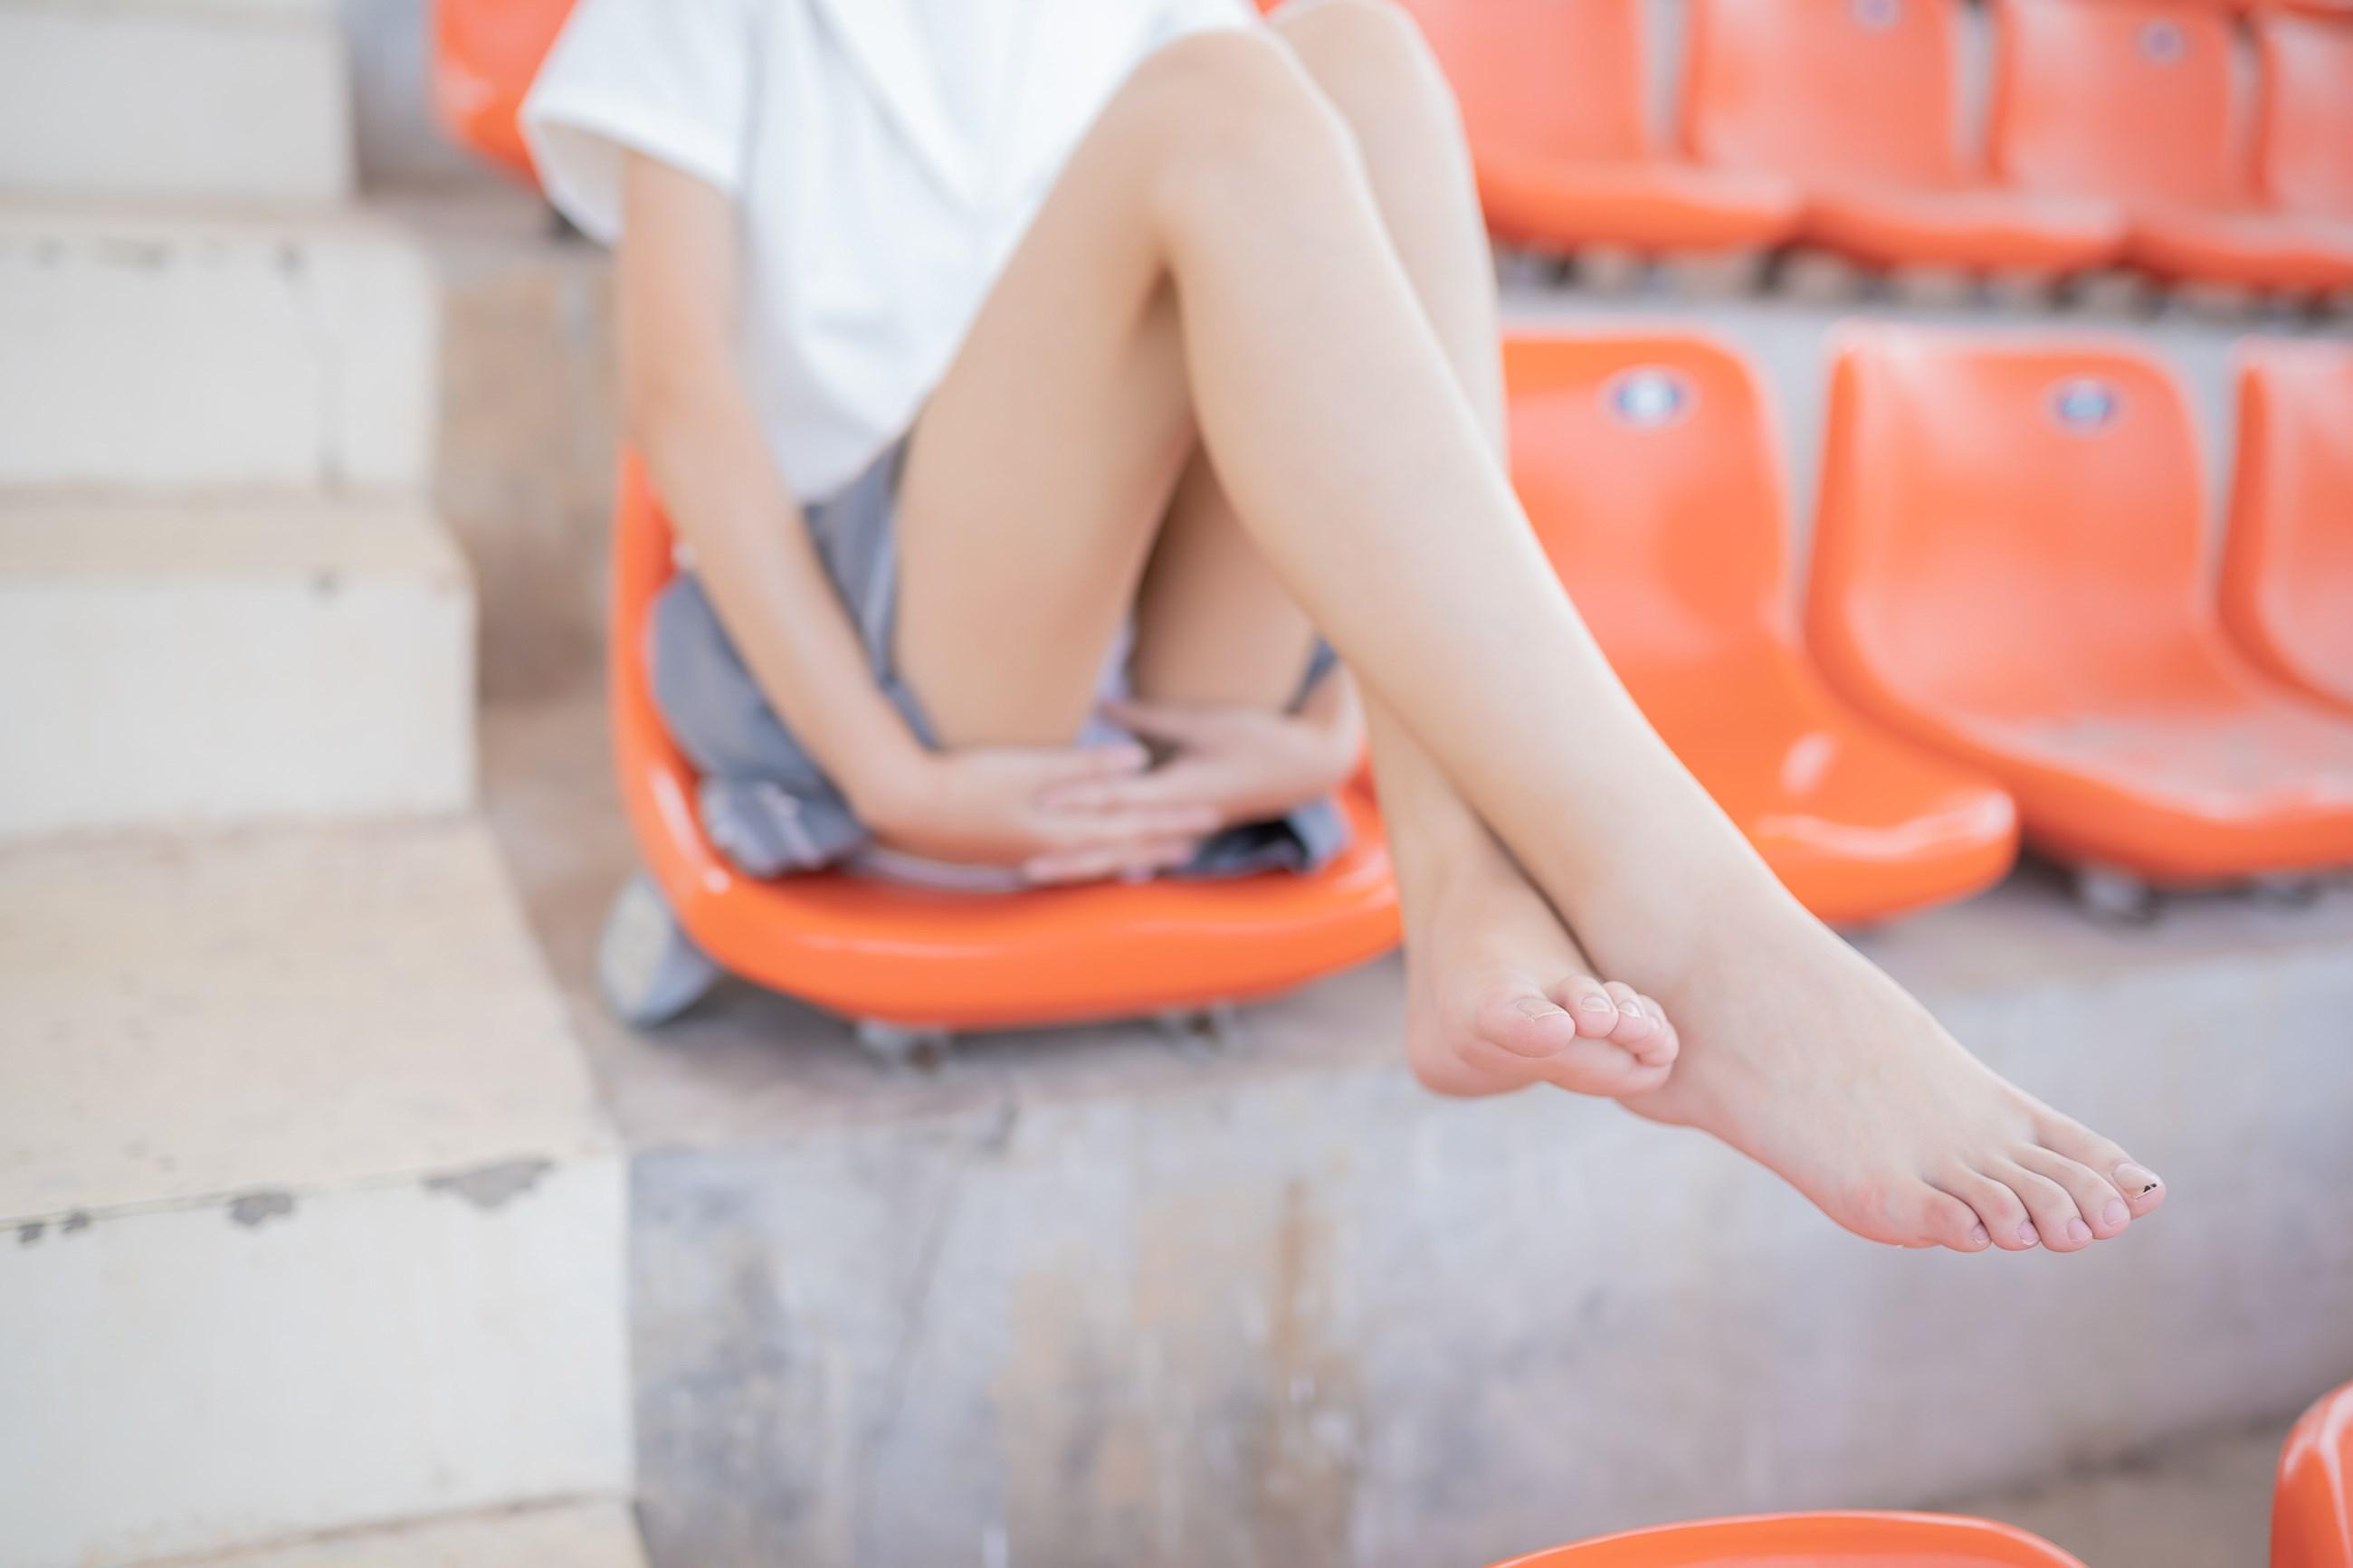 【兔玩映画】看台上的果腿少女 兔玩映画 第30张